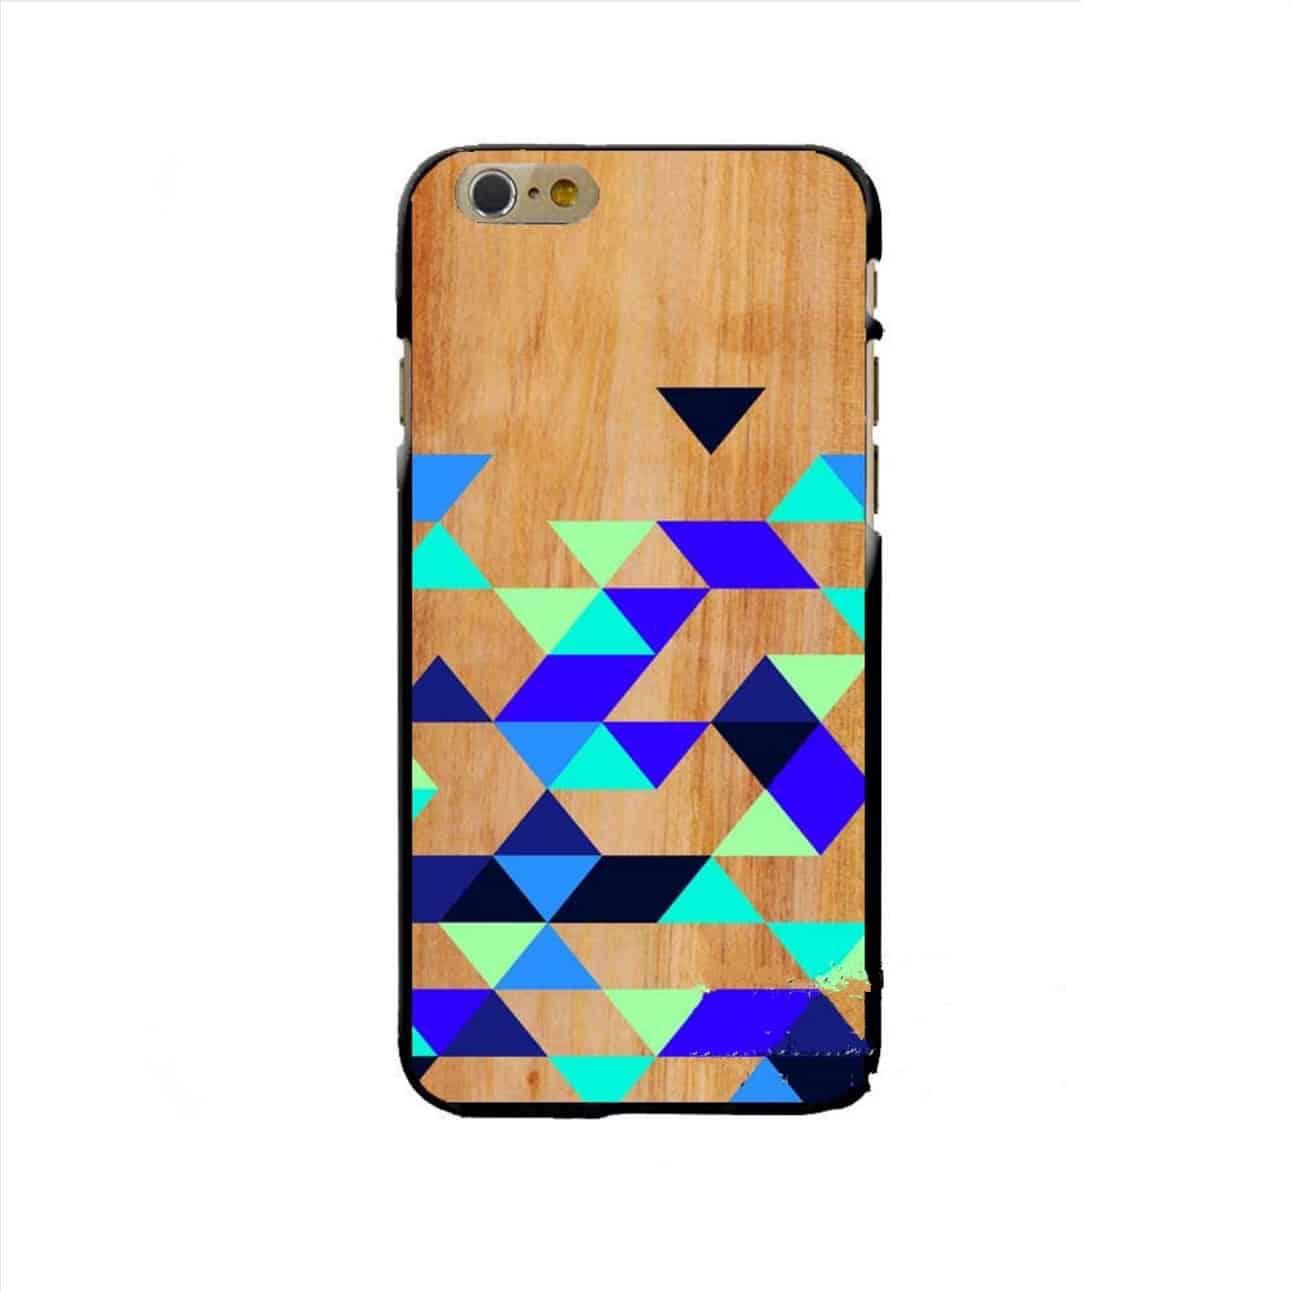 Mozaikový kryt na iPhone 6 a 6 plus - Obalnaiphone.sk e029b02a759